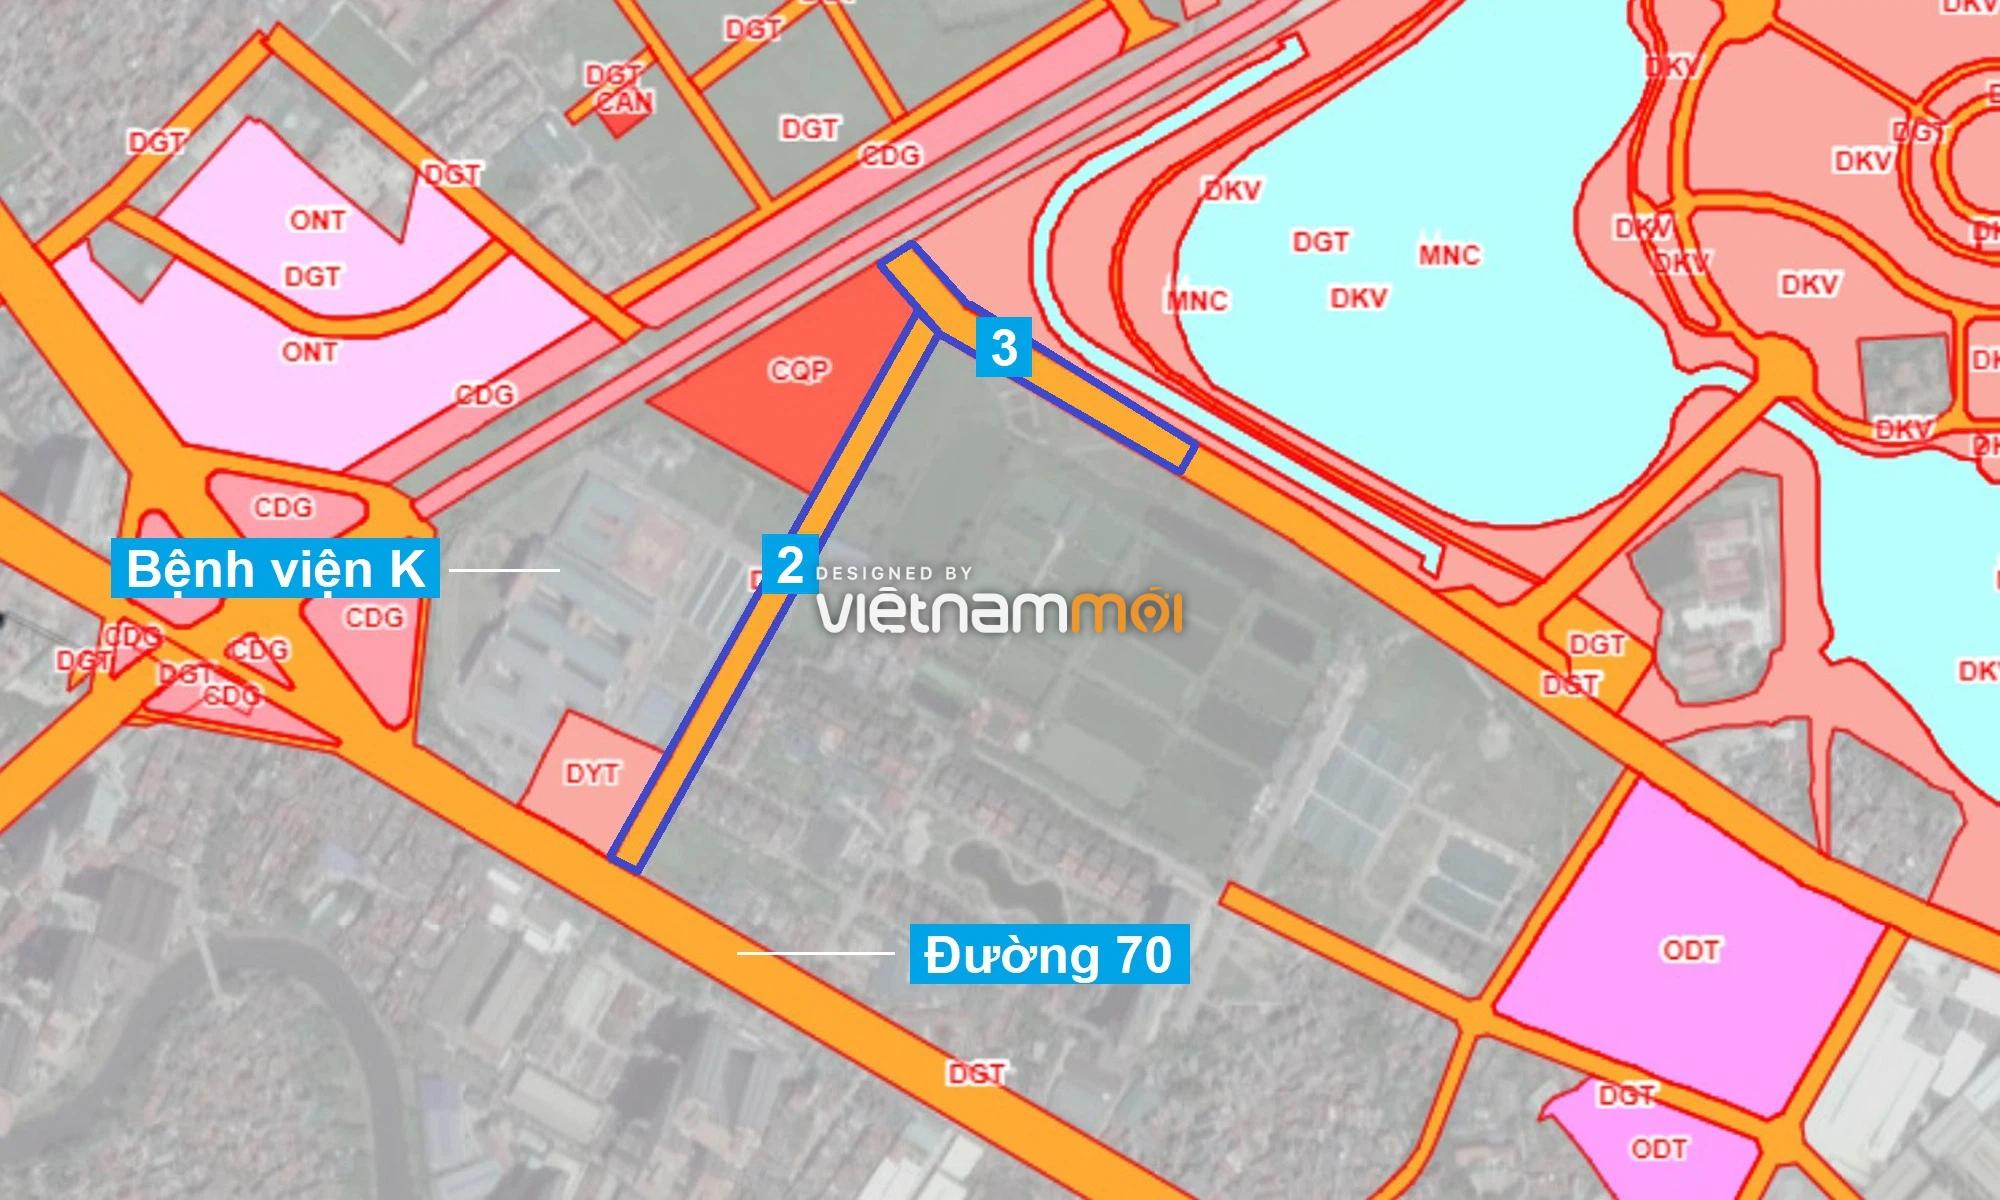 Những khu đất sắp thu hồi để mở đường ở xã Tân Triều, Thanh Trì Hà Nội (phần 1) - Ảnh 15.